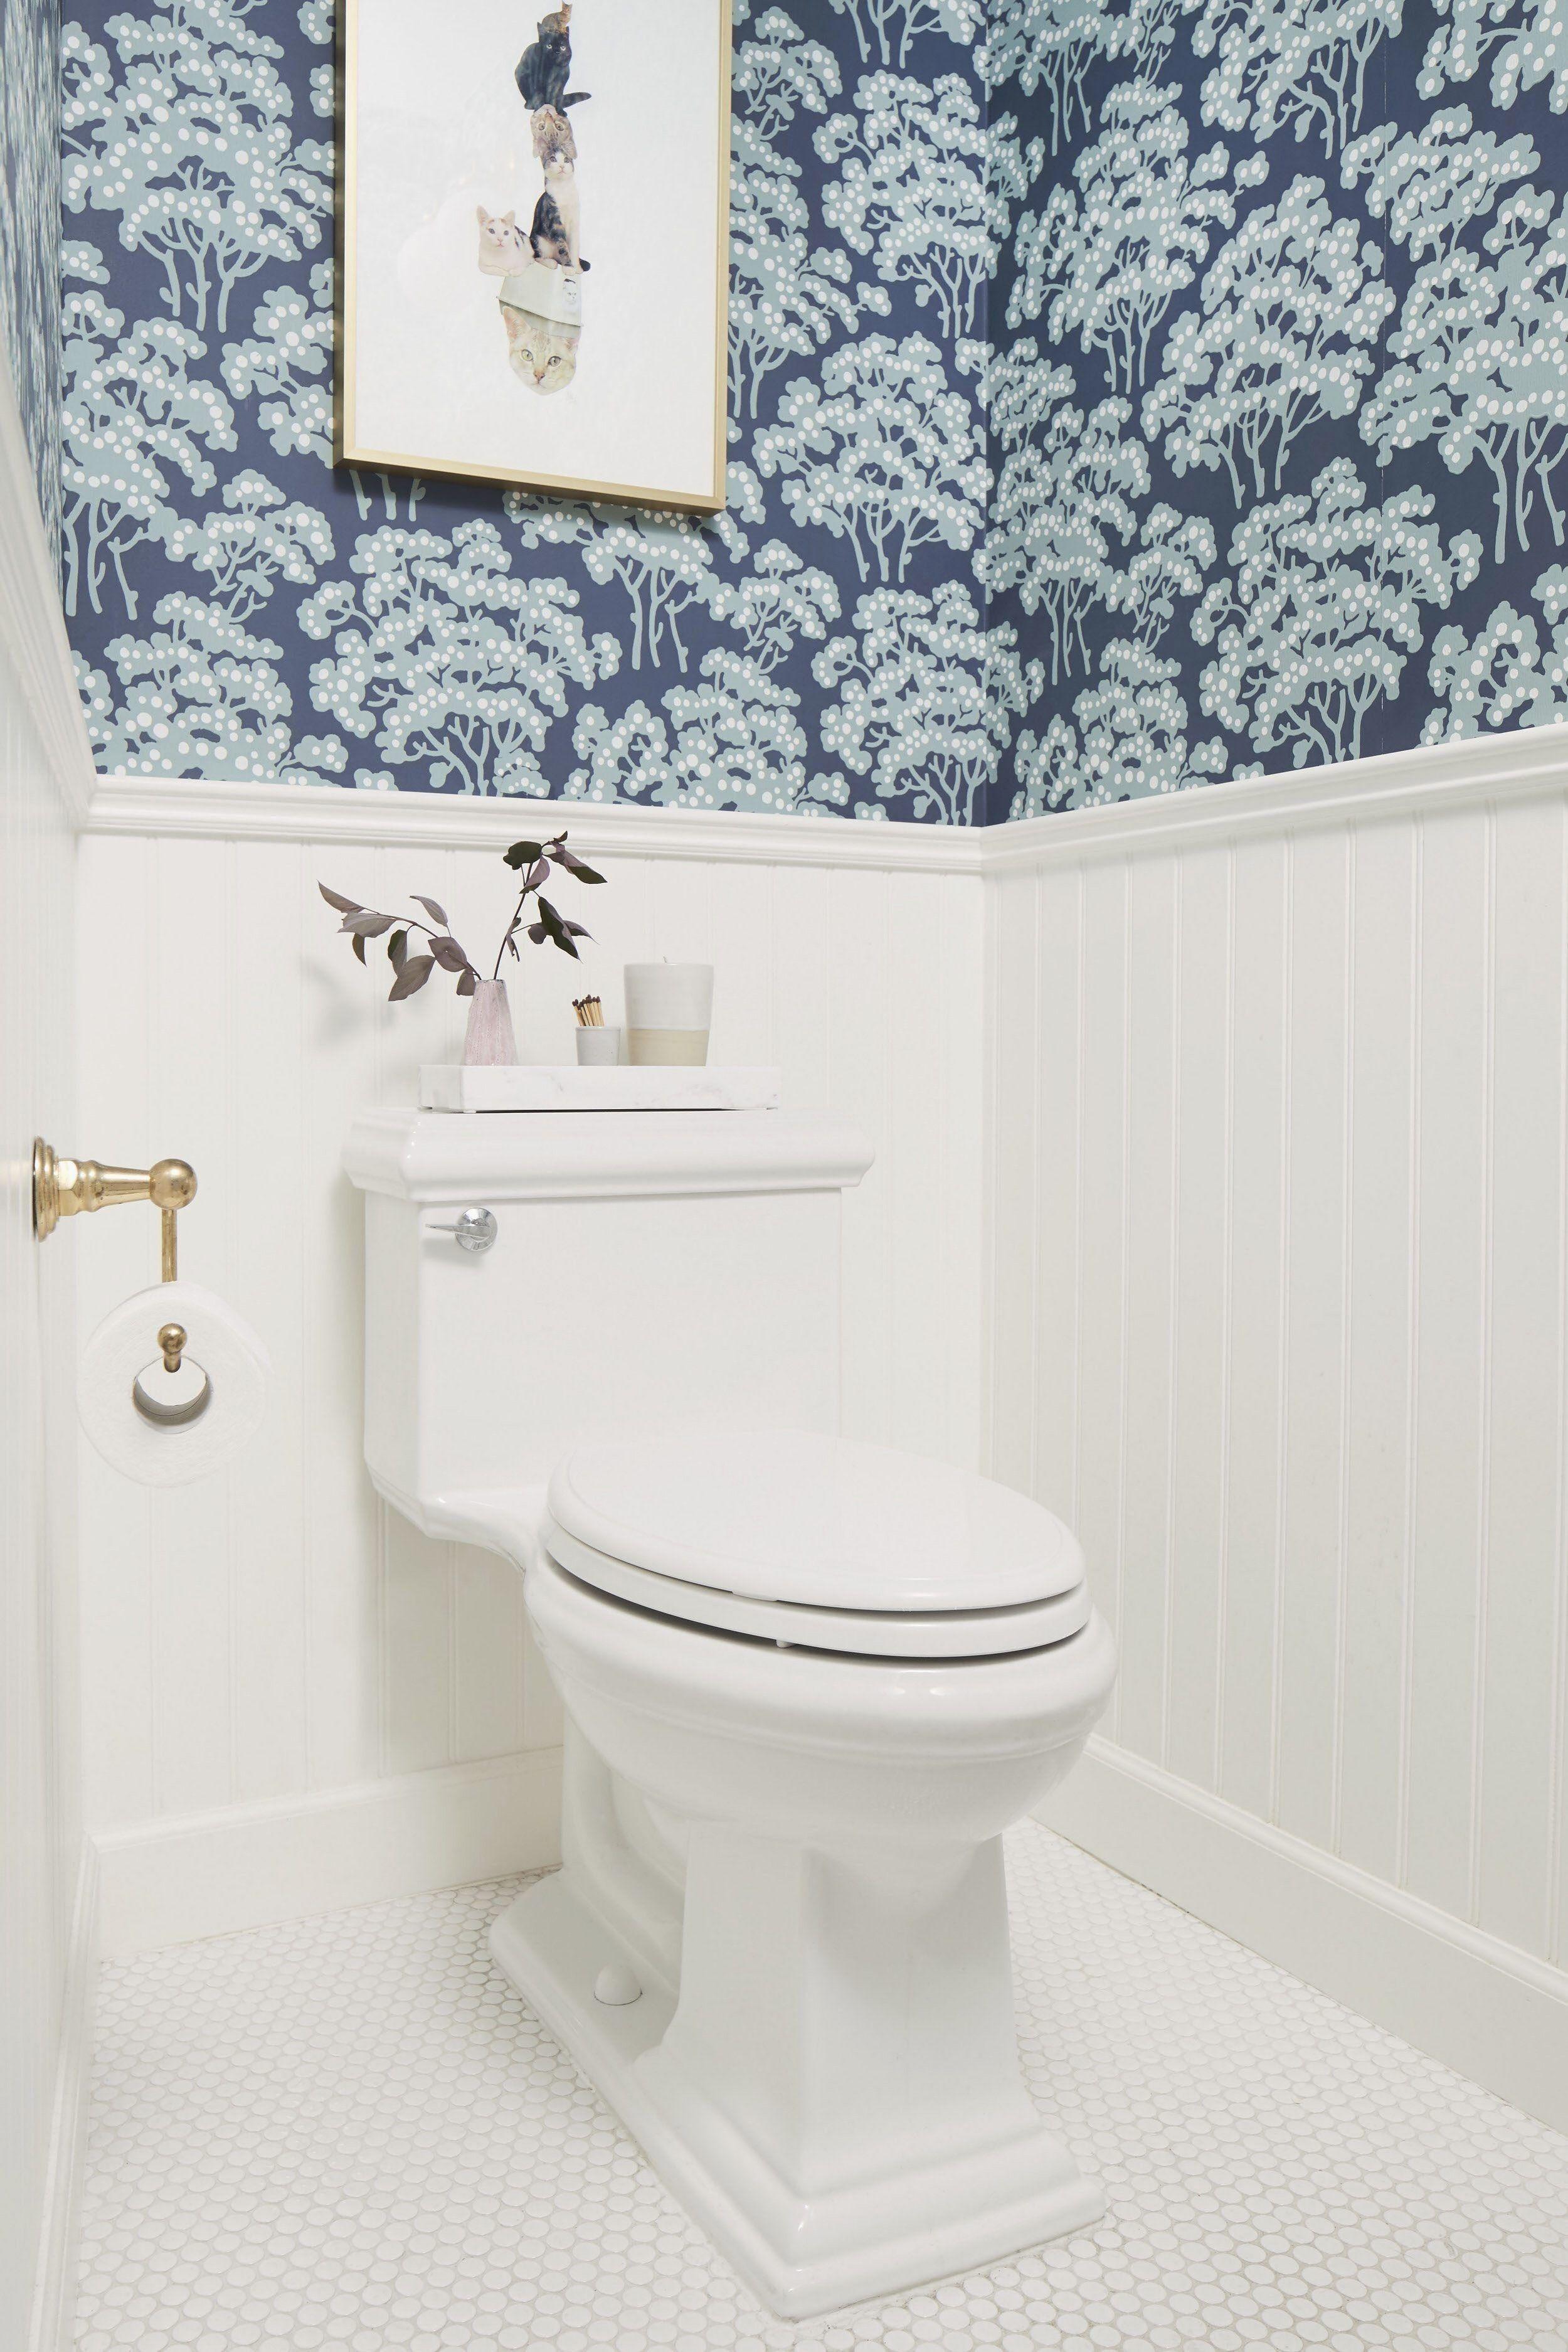 6 Farrow Und Ball Tapete Hainbuche Traditionelles Tudor Badezimmer In 2020 Traditionelle Bader Badezimmereinrichtung Badezimmer Innenausstattung